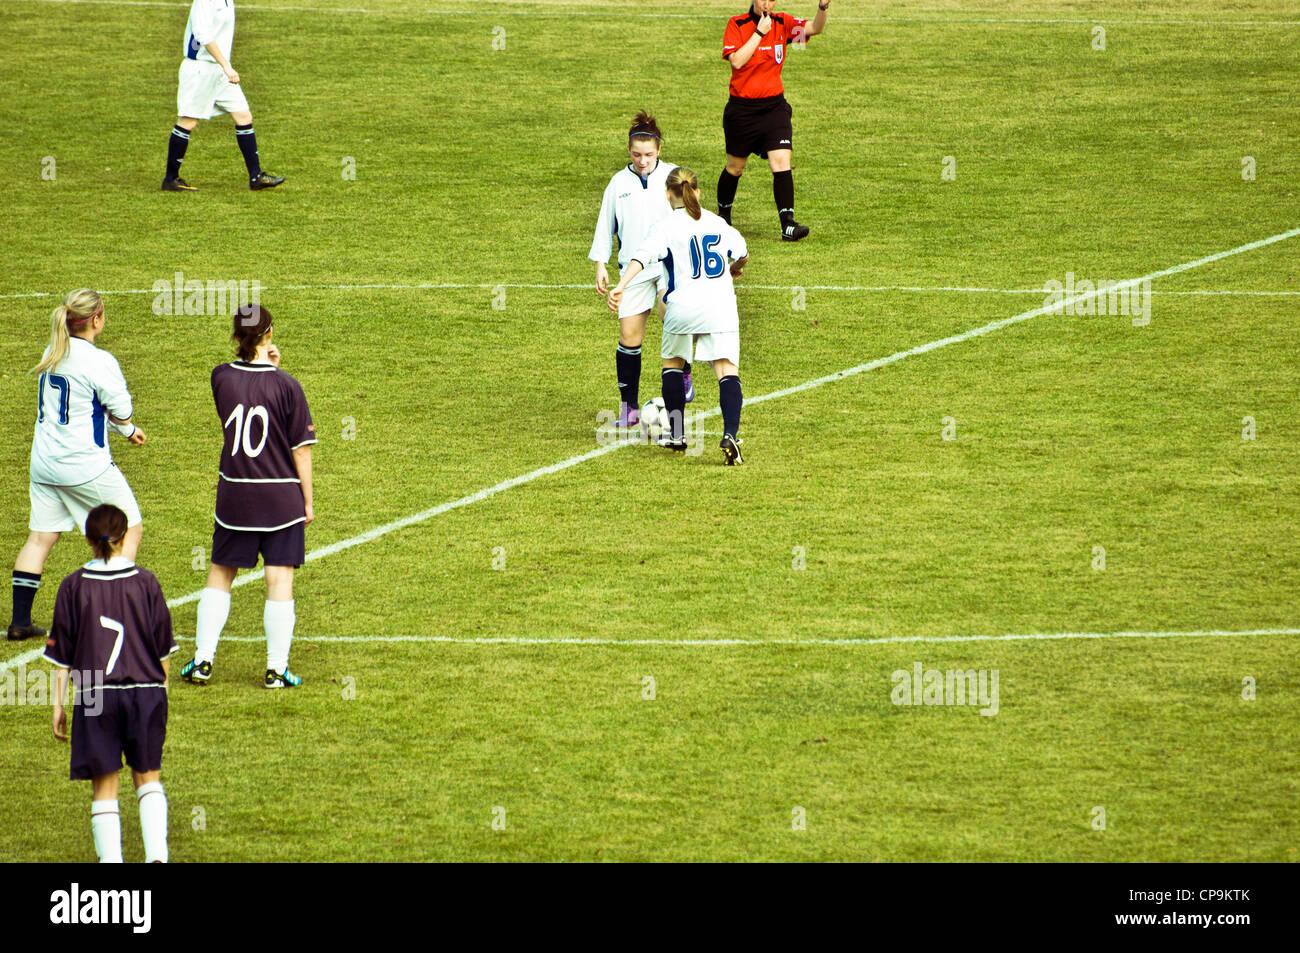 women football game, starting - Stock Image